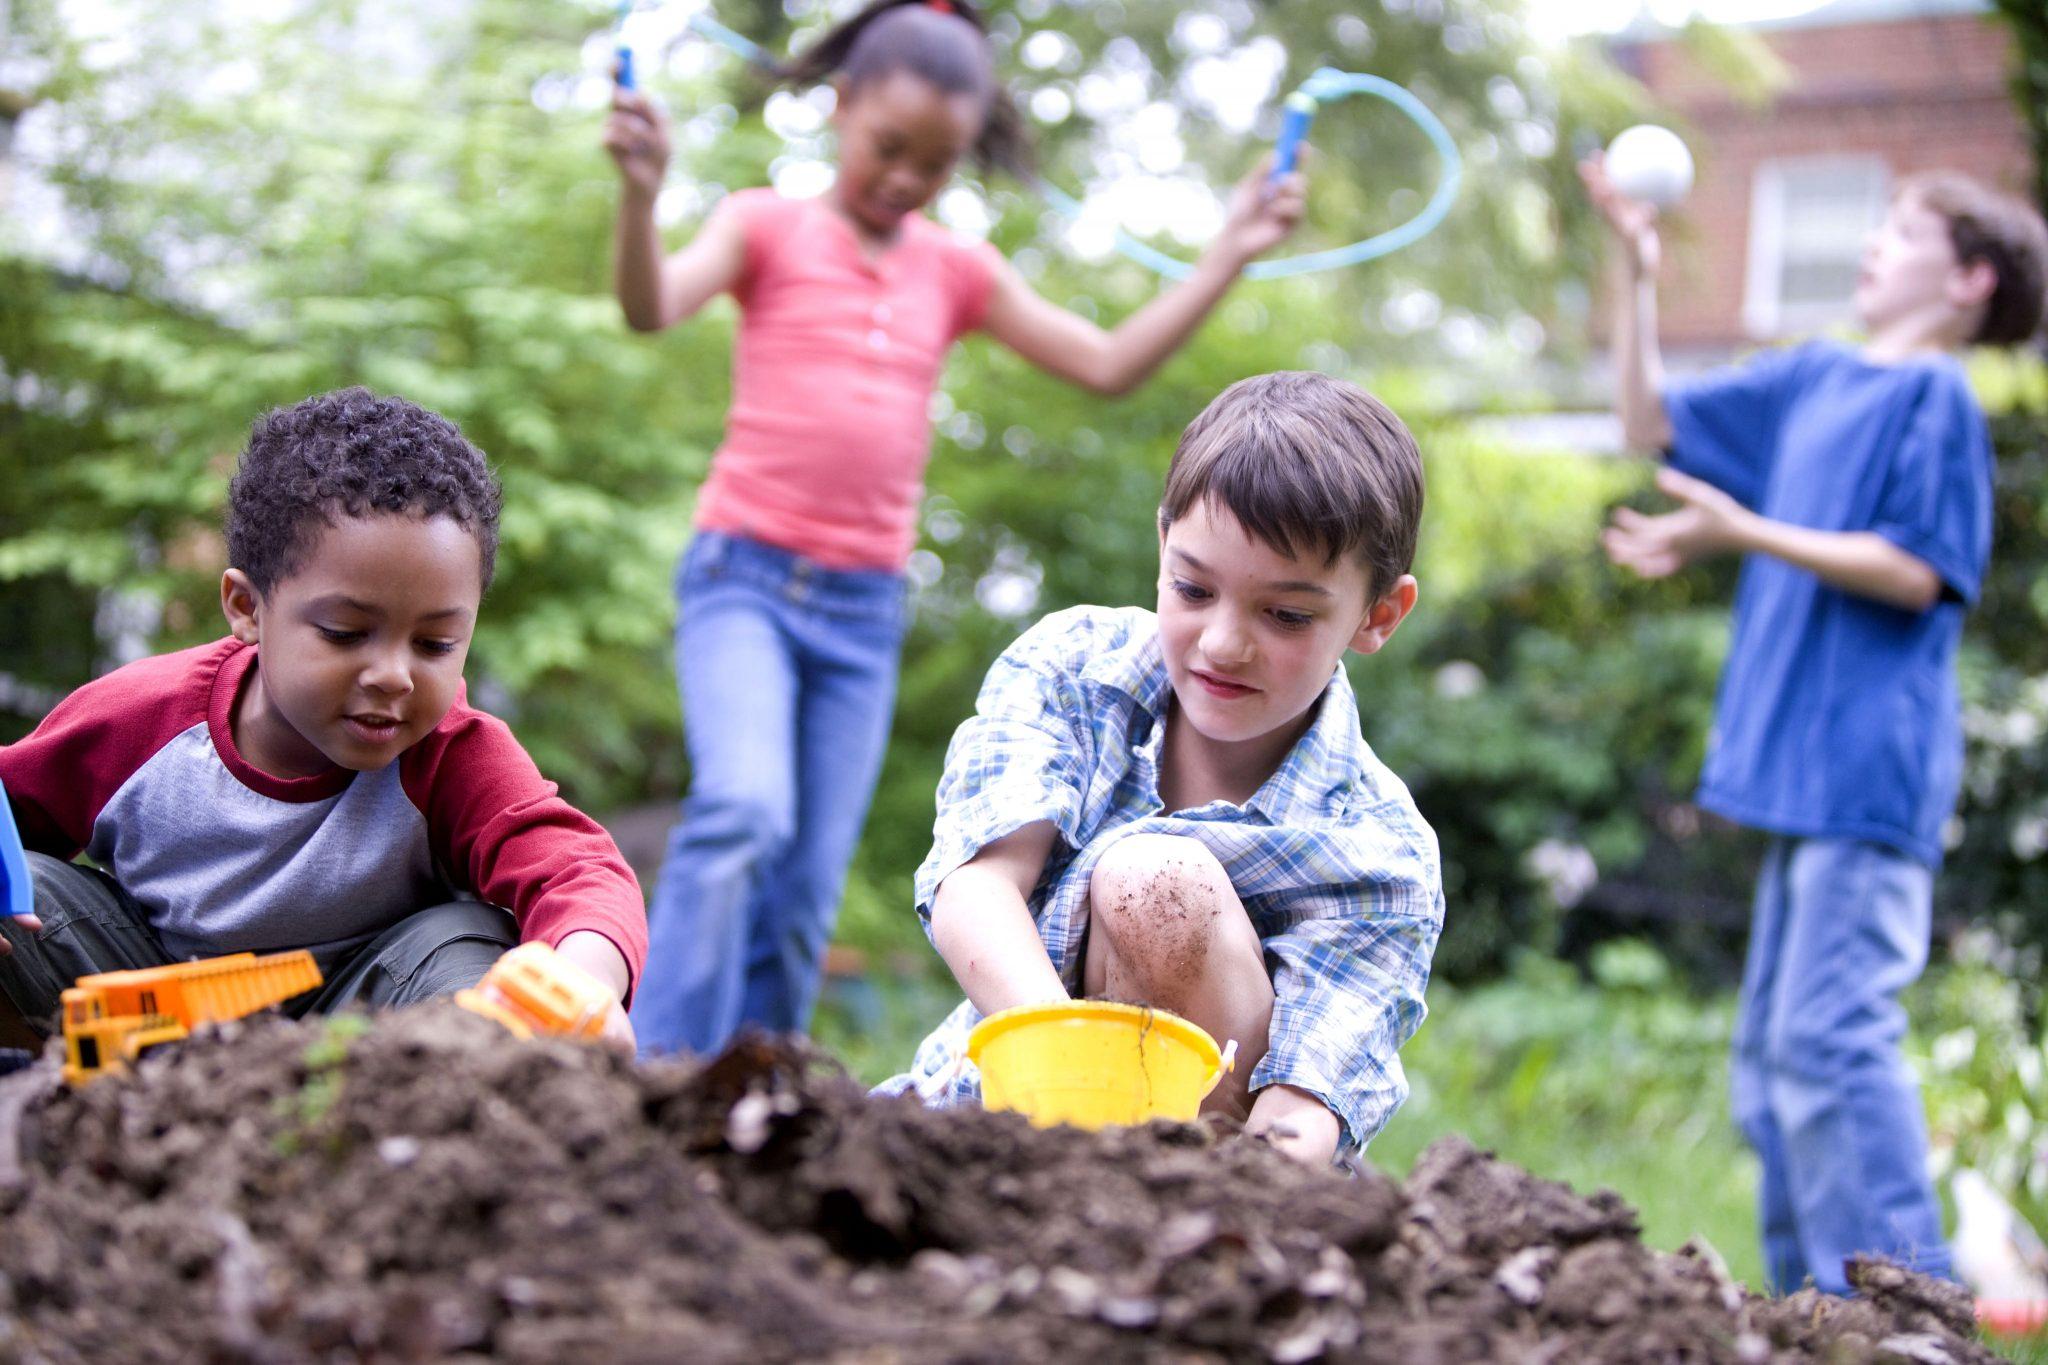 Derechos Humanos en la infancia